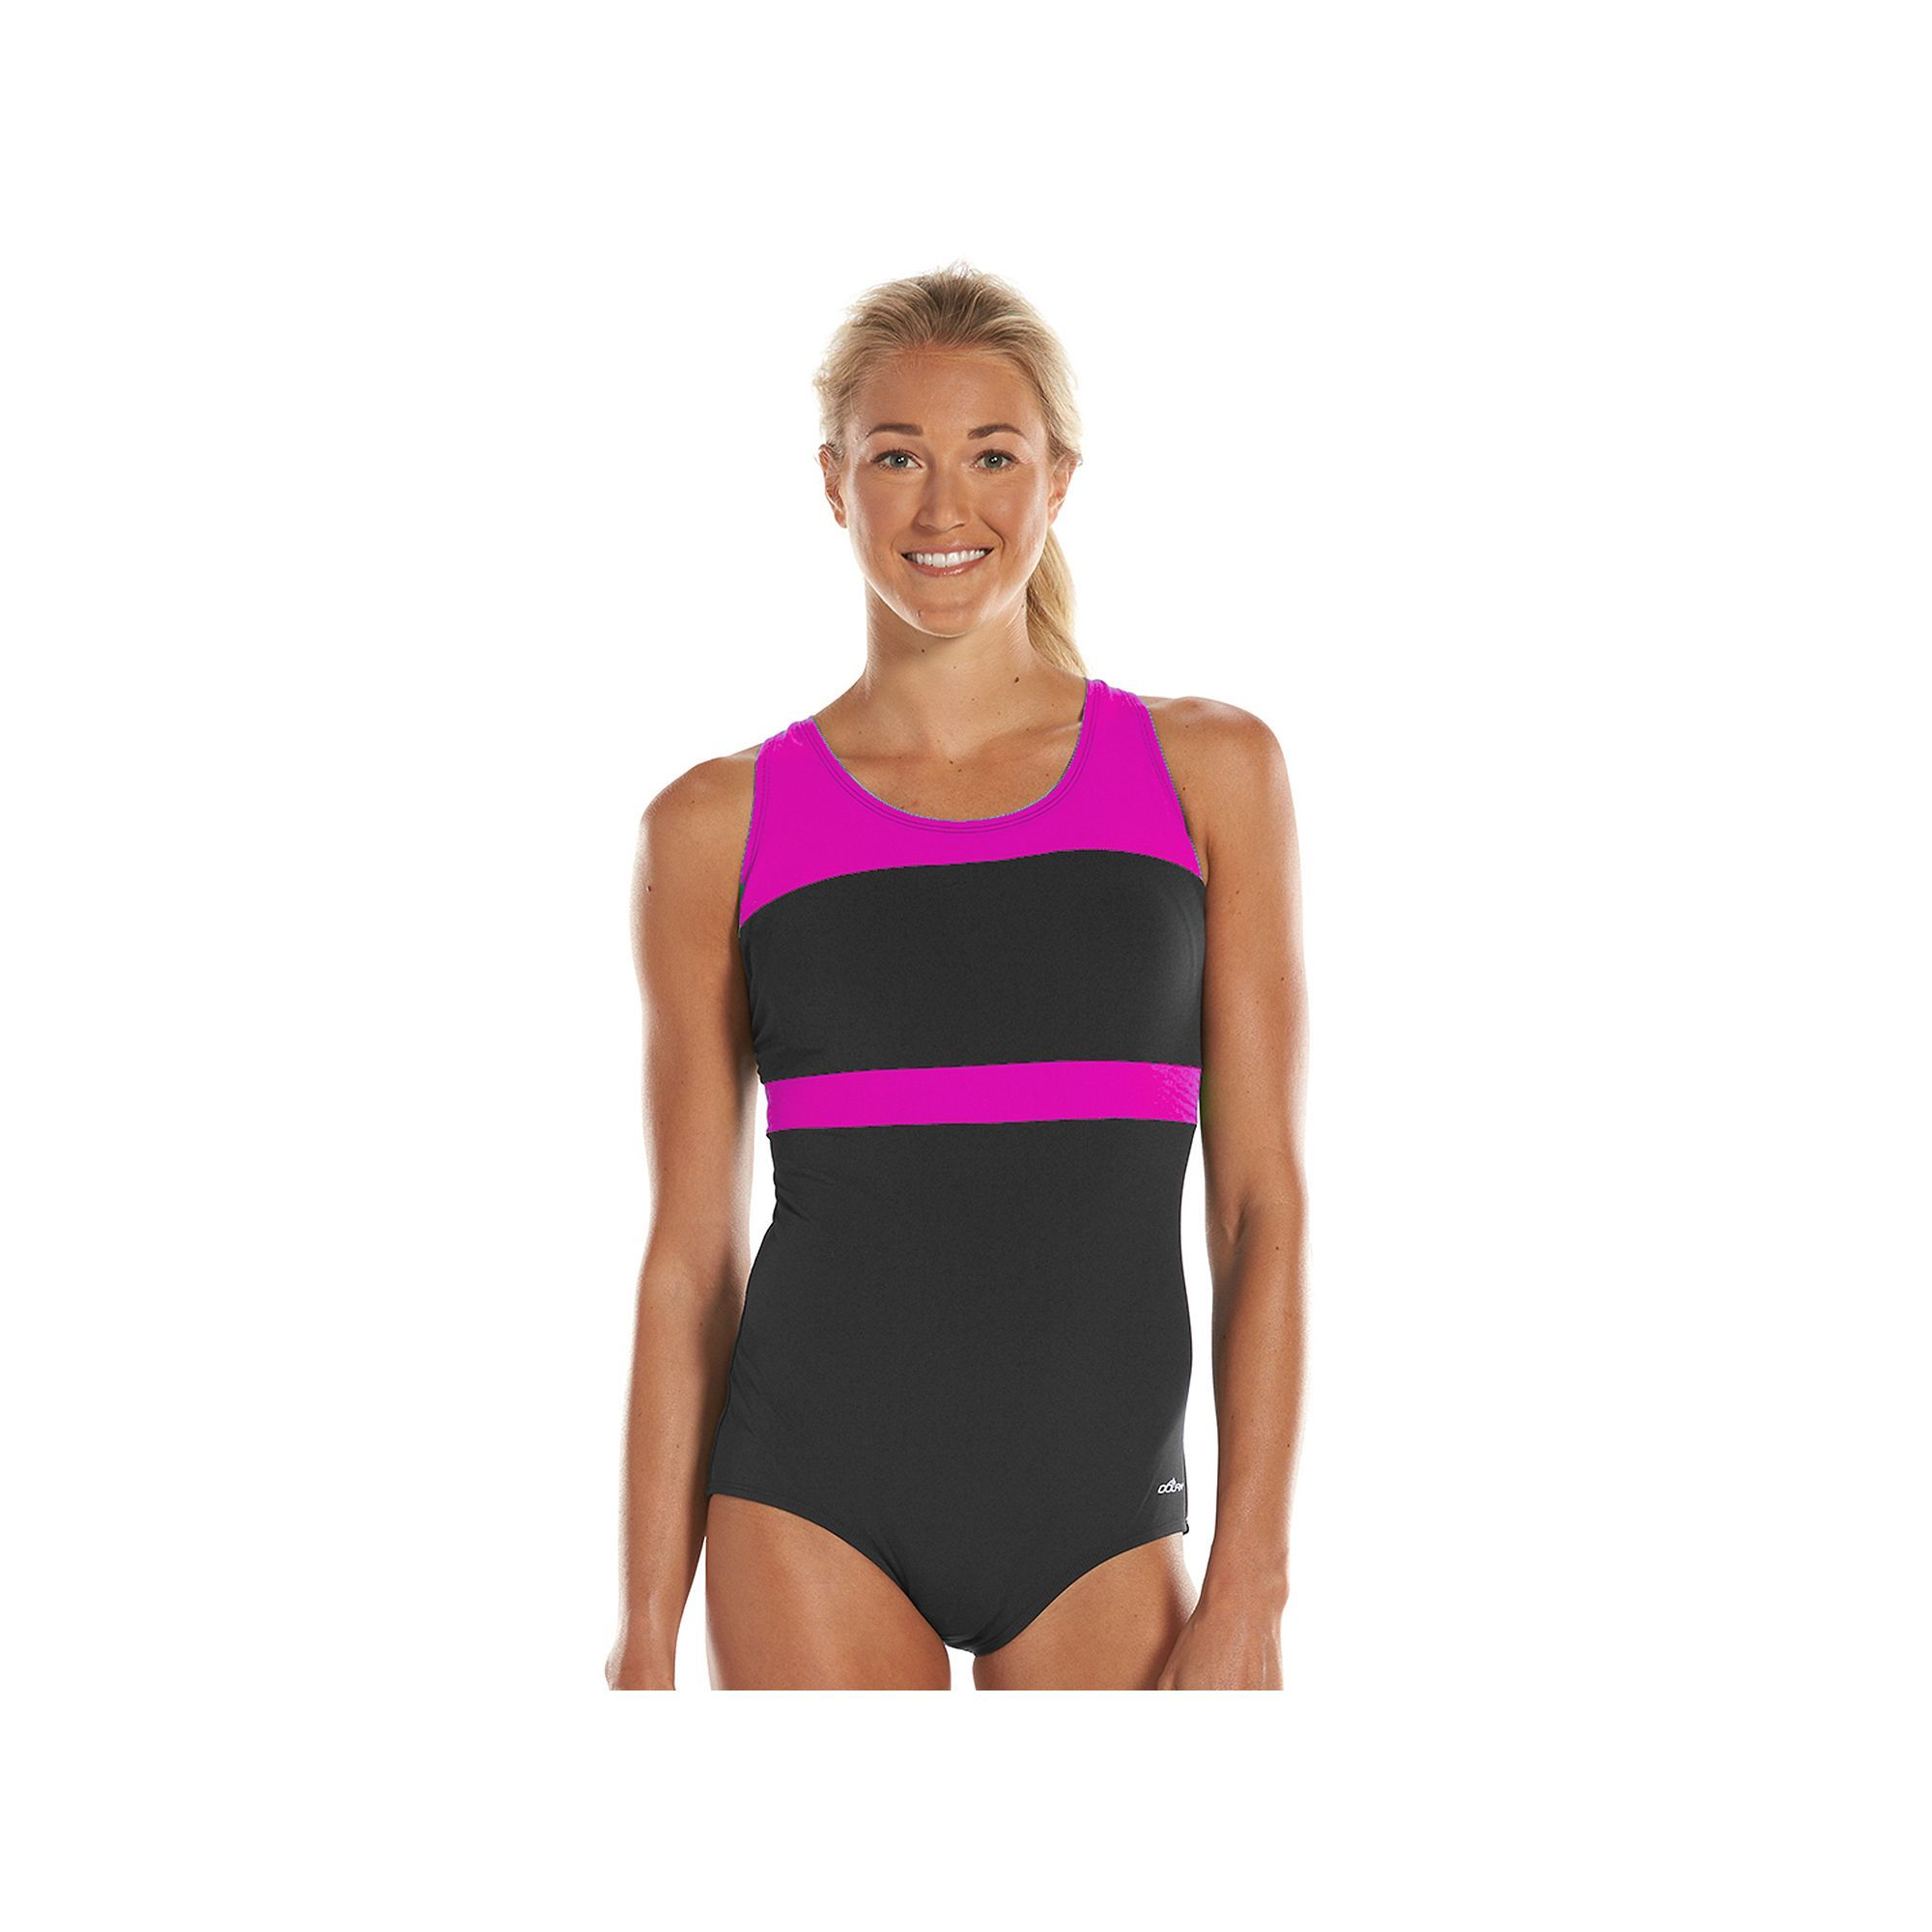 095c1d5100c Women's Dolfin Aquashape Conservative Colorblock One-Piece Lap Swimsuit,  Size: 10 Comp, Pink